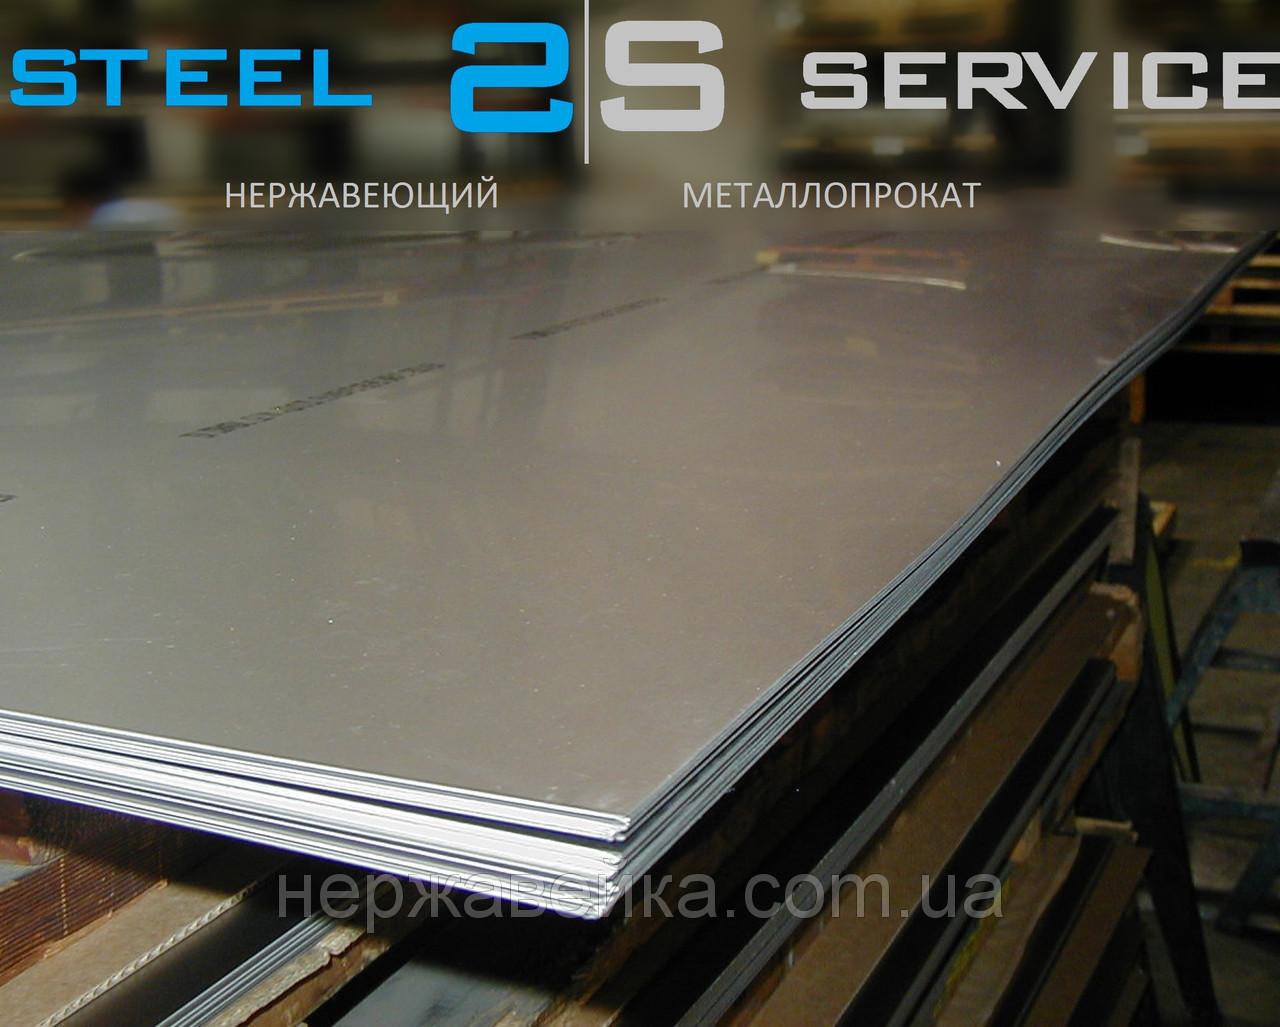 Нержавеющий лист 1х1000х2000мм AiSi 201  (12Х15Г9НД) 4N - шлифованный